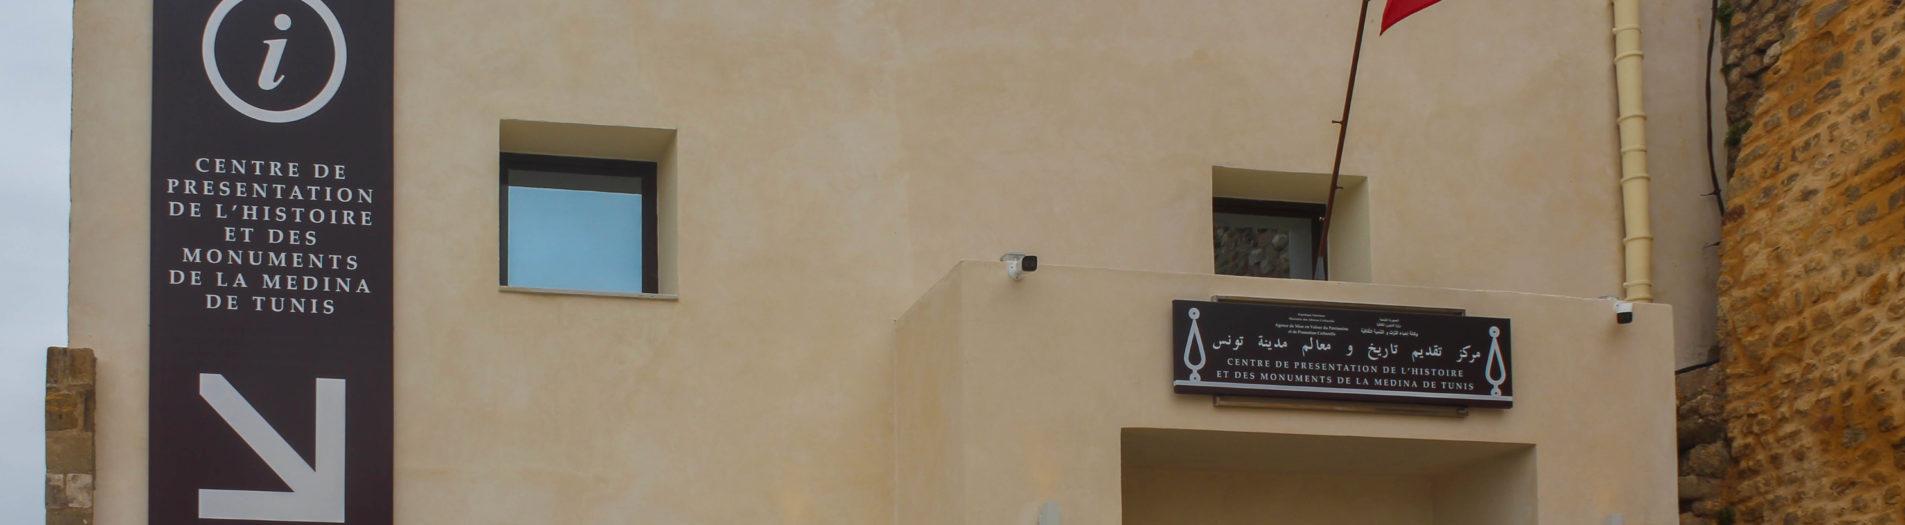 Le centre de Présentation de l'Histoire et des Monuments de la Médina de Tunis